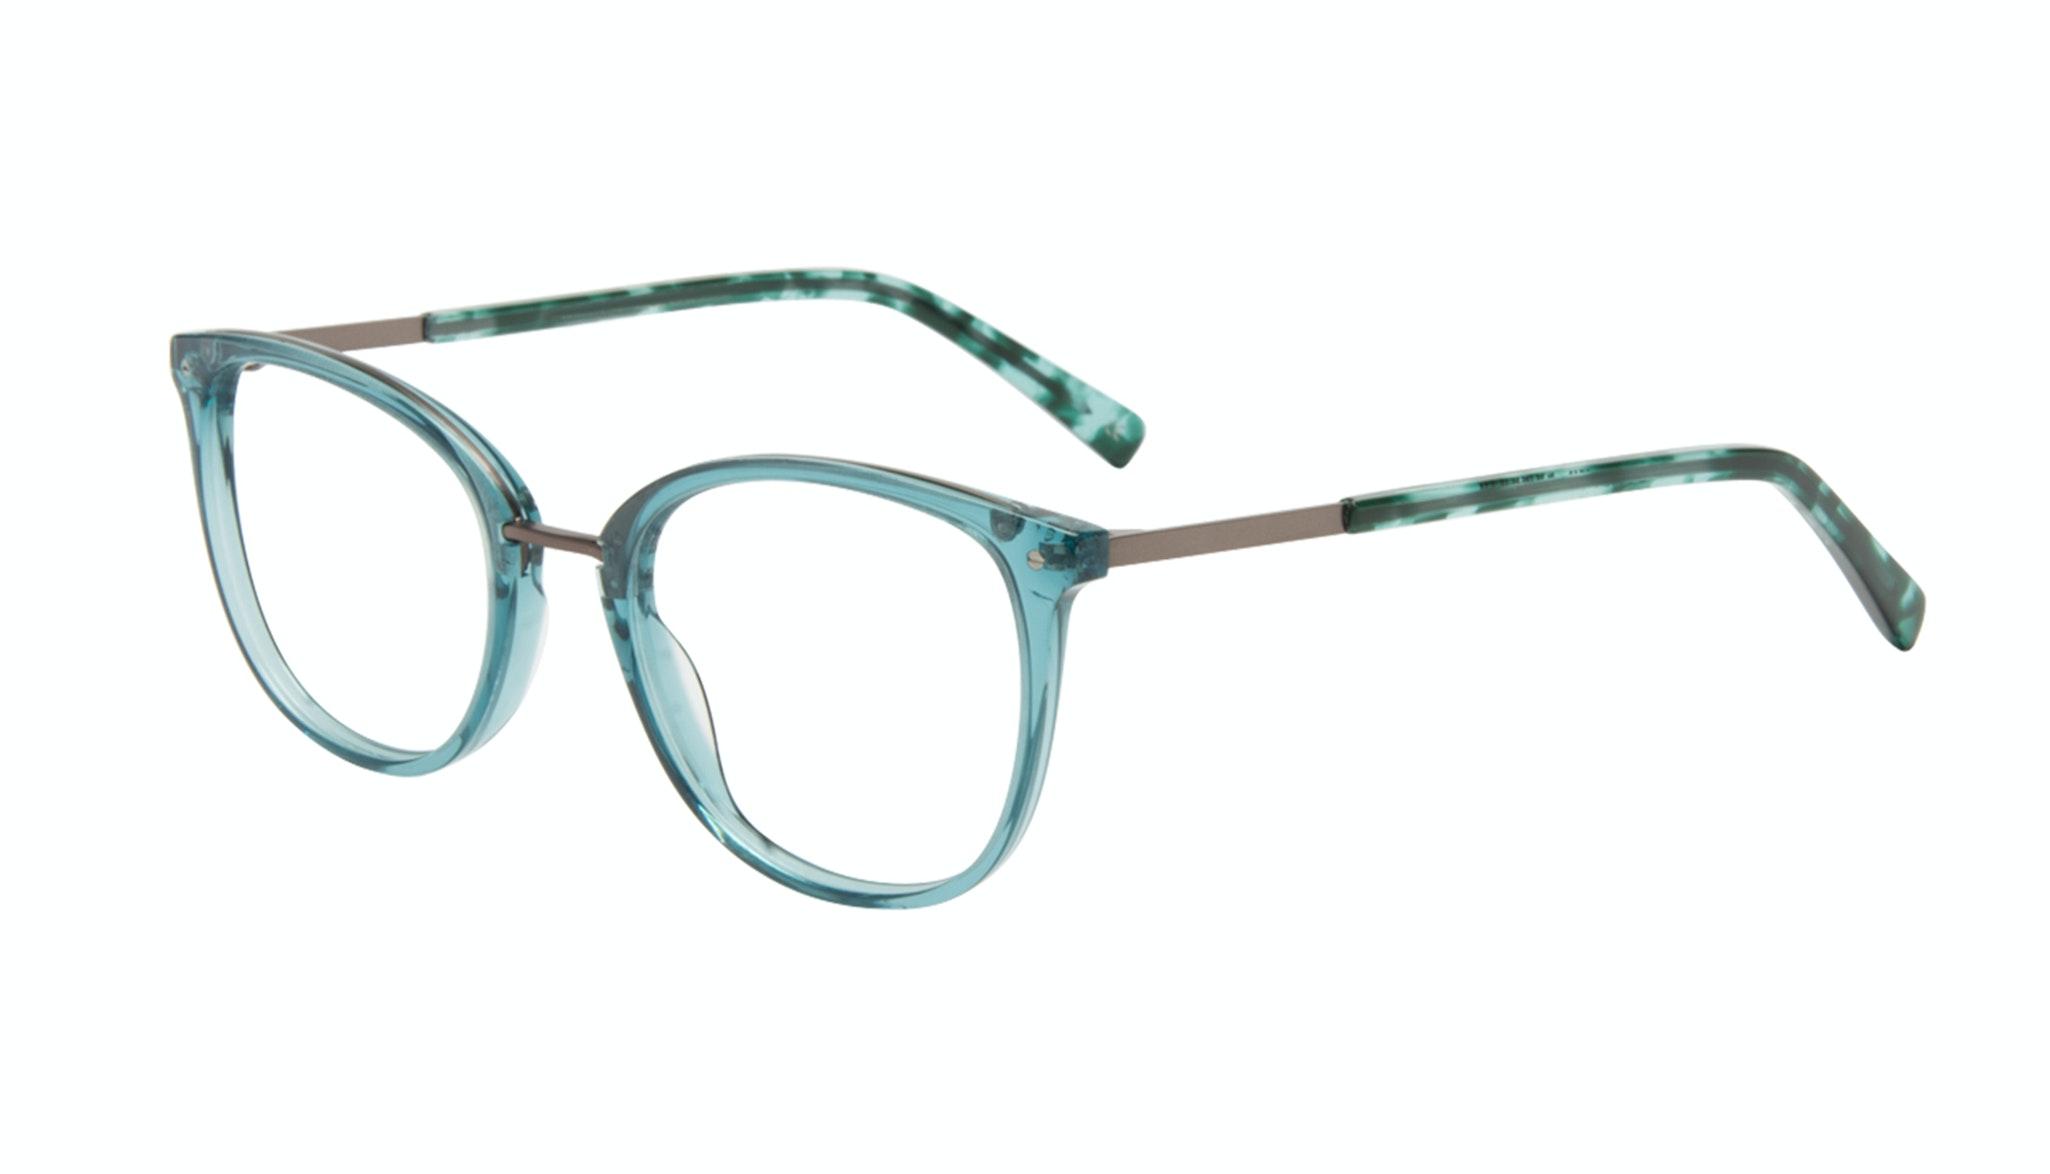 Affordable Fashion Glasses Square Round Eyeglasses Women Bella Teal Tilt